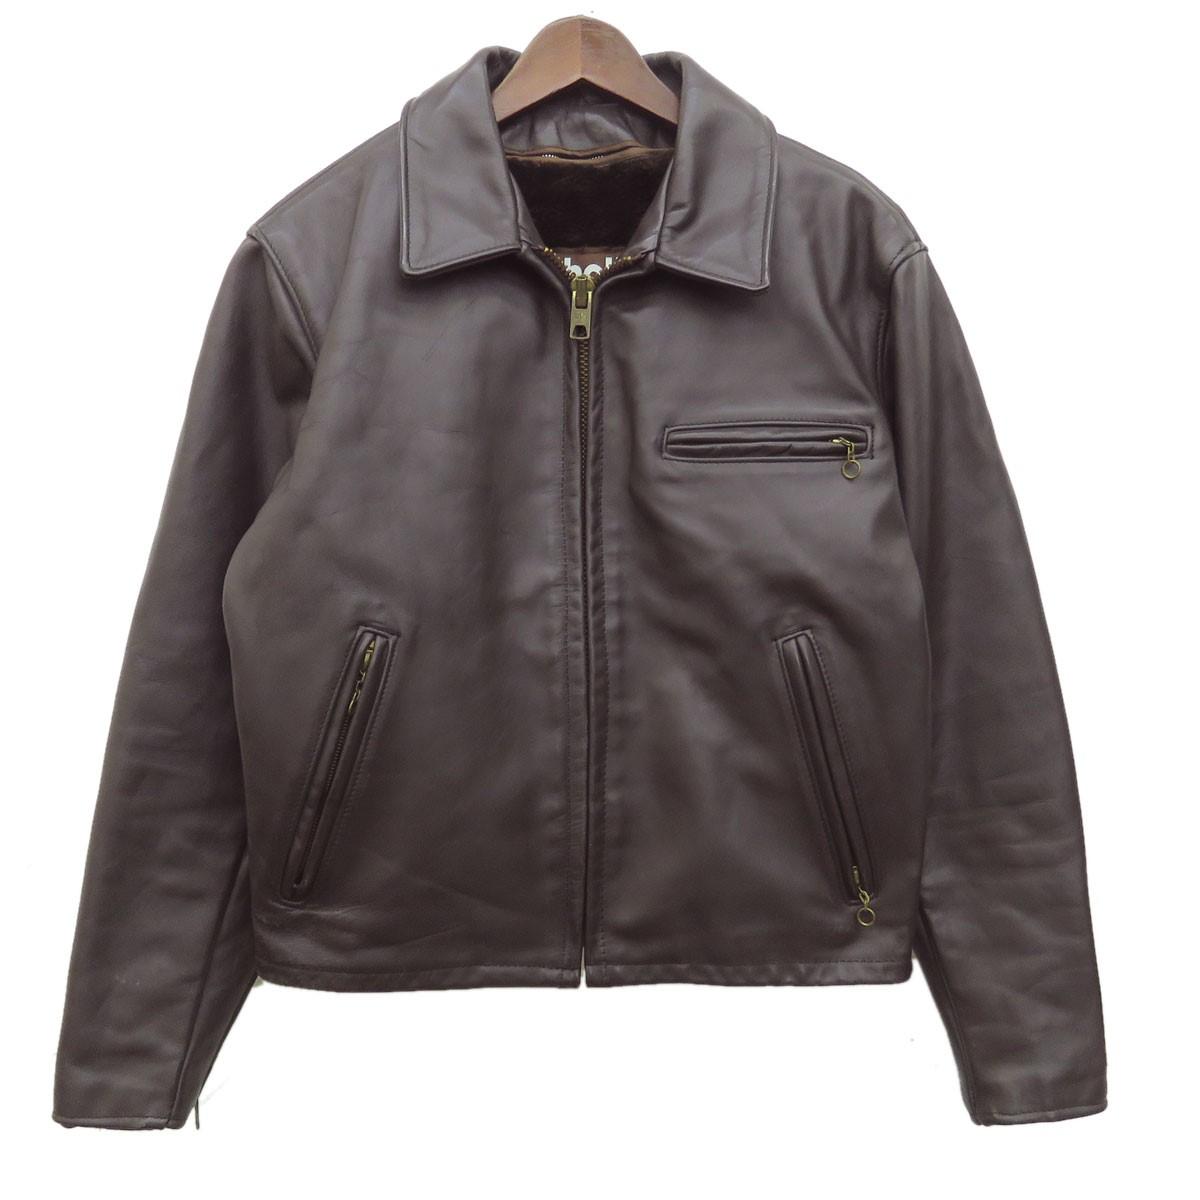 【中古】SCHOTT シングルライダースジャケット レザージャケット ライナー付き ブラウン サイズ:40 【150919】(ショット)